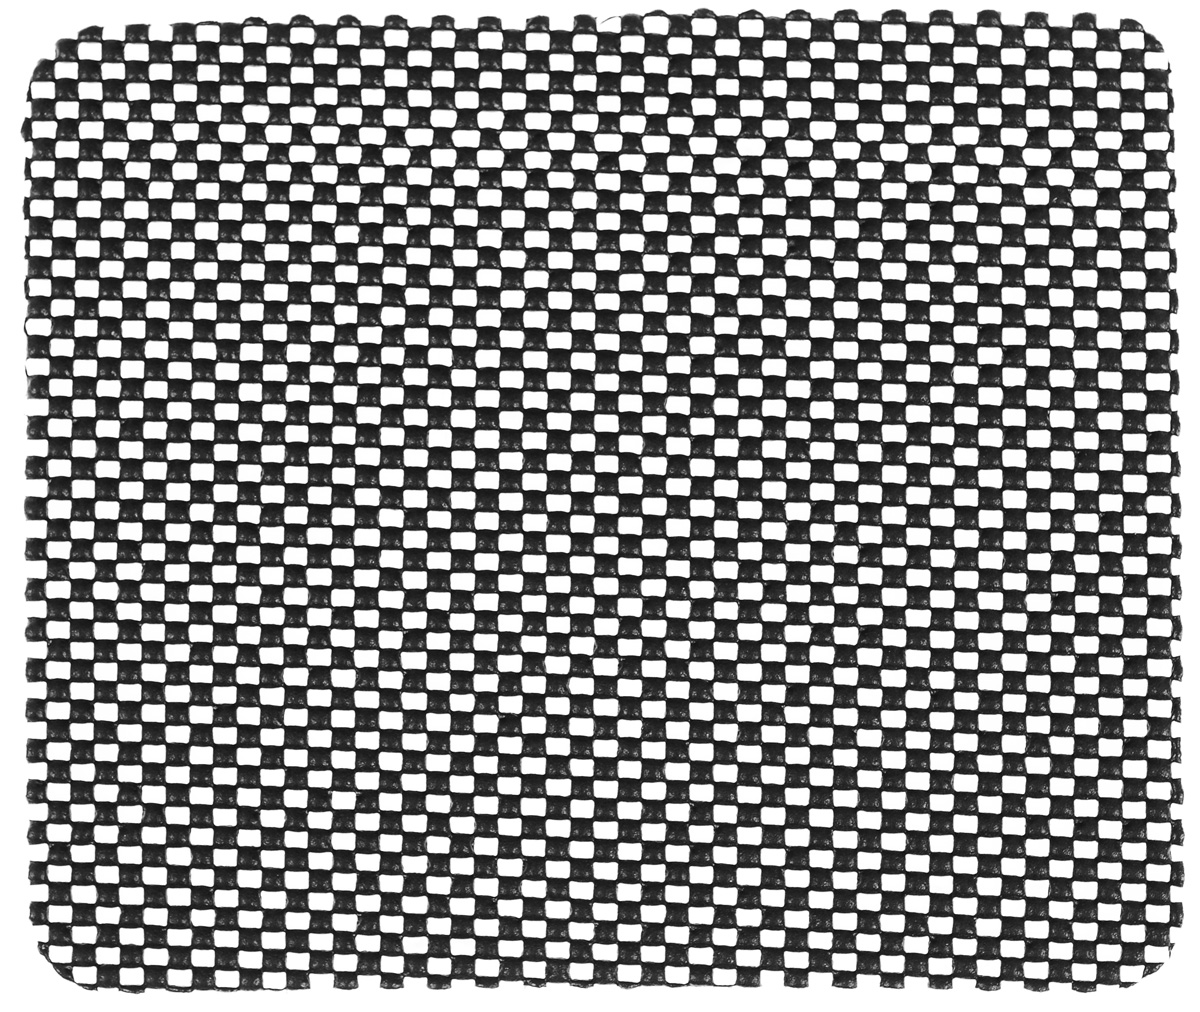 Коврик противоскользящий AVS, 19 х 22 см21395599Противоскользящий коврик AVS с особой текстурой надежно удержит ваш мобильный телефон, MP3, GPS, планшет, очки и другие небольшие предметы на приборной панели. Благодаря специальной структуре поверхности, препятствует соскальзыванию предметов при движении автомобиля или при расположении предметов на наклонной поверхности. Коврик изготовлен из абсолютно безвредного полиуретана. Стильный и удобный, прост в установке и использовании. Размещается без использования каких-либо клеящих средств. Устойчив к температурному воздействию и ультрафиолетовому излучению. Не липкий, не собирает пыль и грязь.